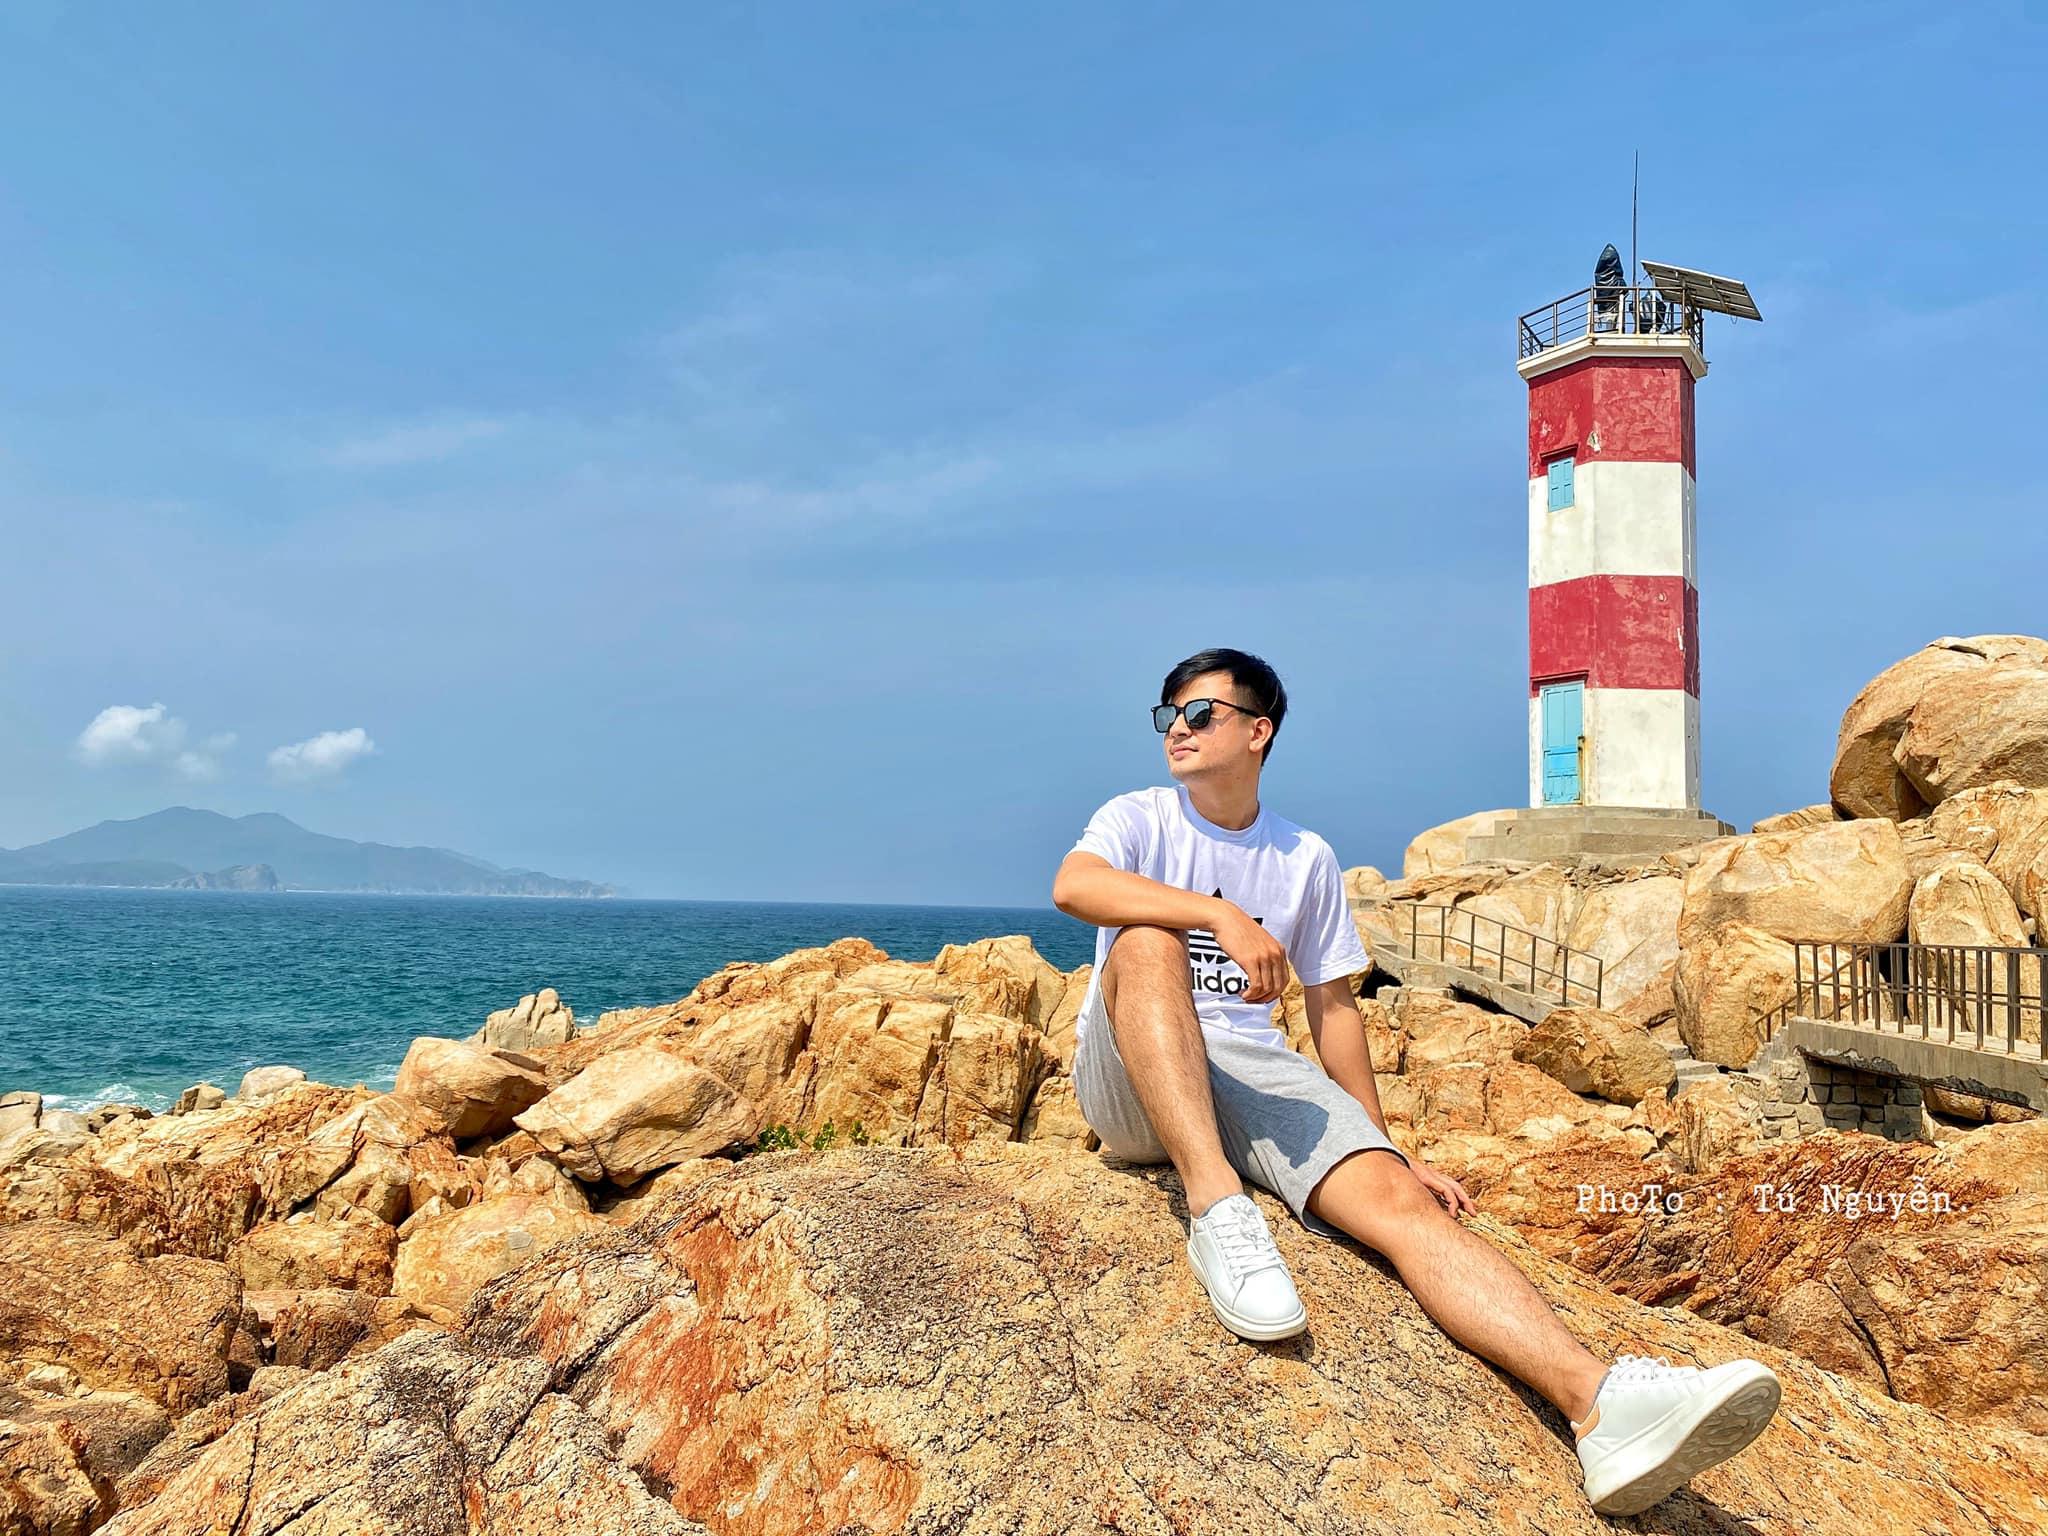 Chiêm ngưỡng vẻ đẹp Gành Đèn, 'viên ngọc' được cất giấu giữa biển trời Phú Yên  - Ảnh 8.